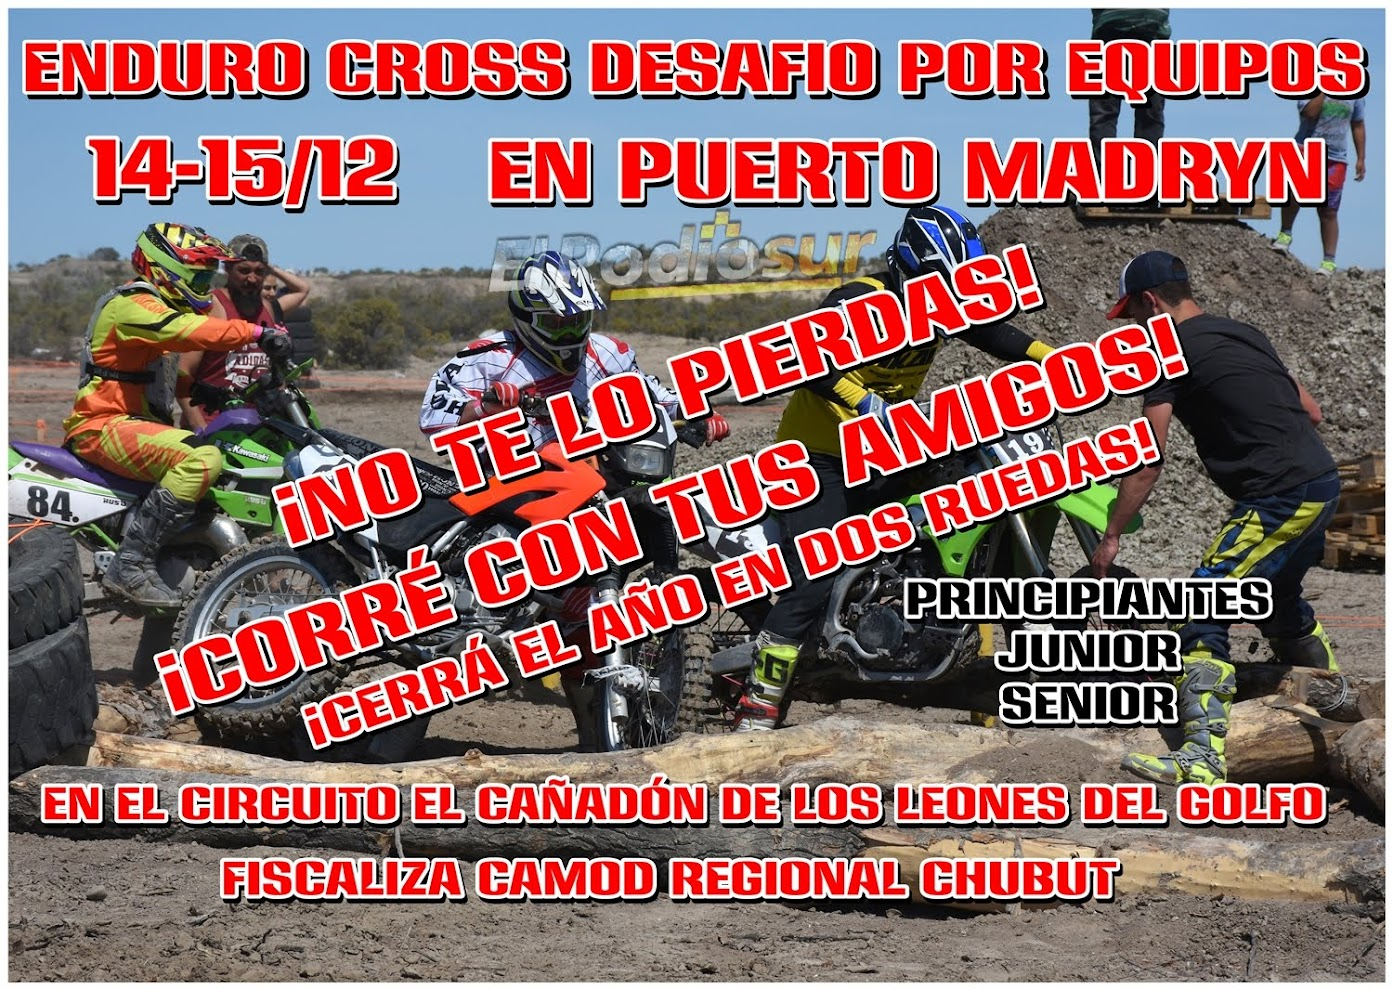 El Enduro Cross se corre este finde en Puerto Madryn